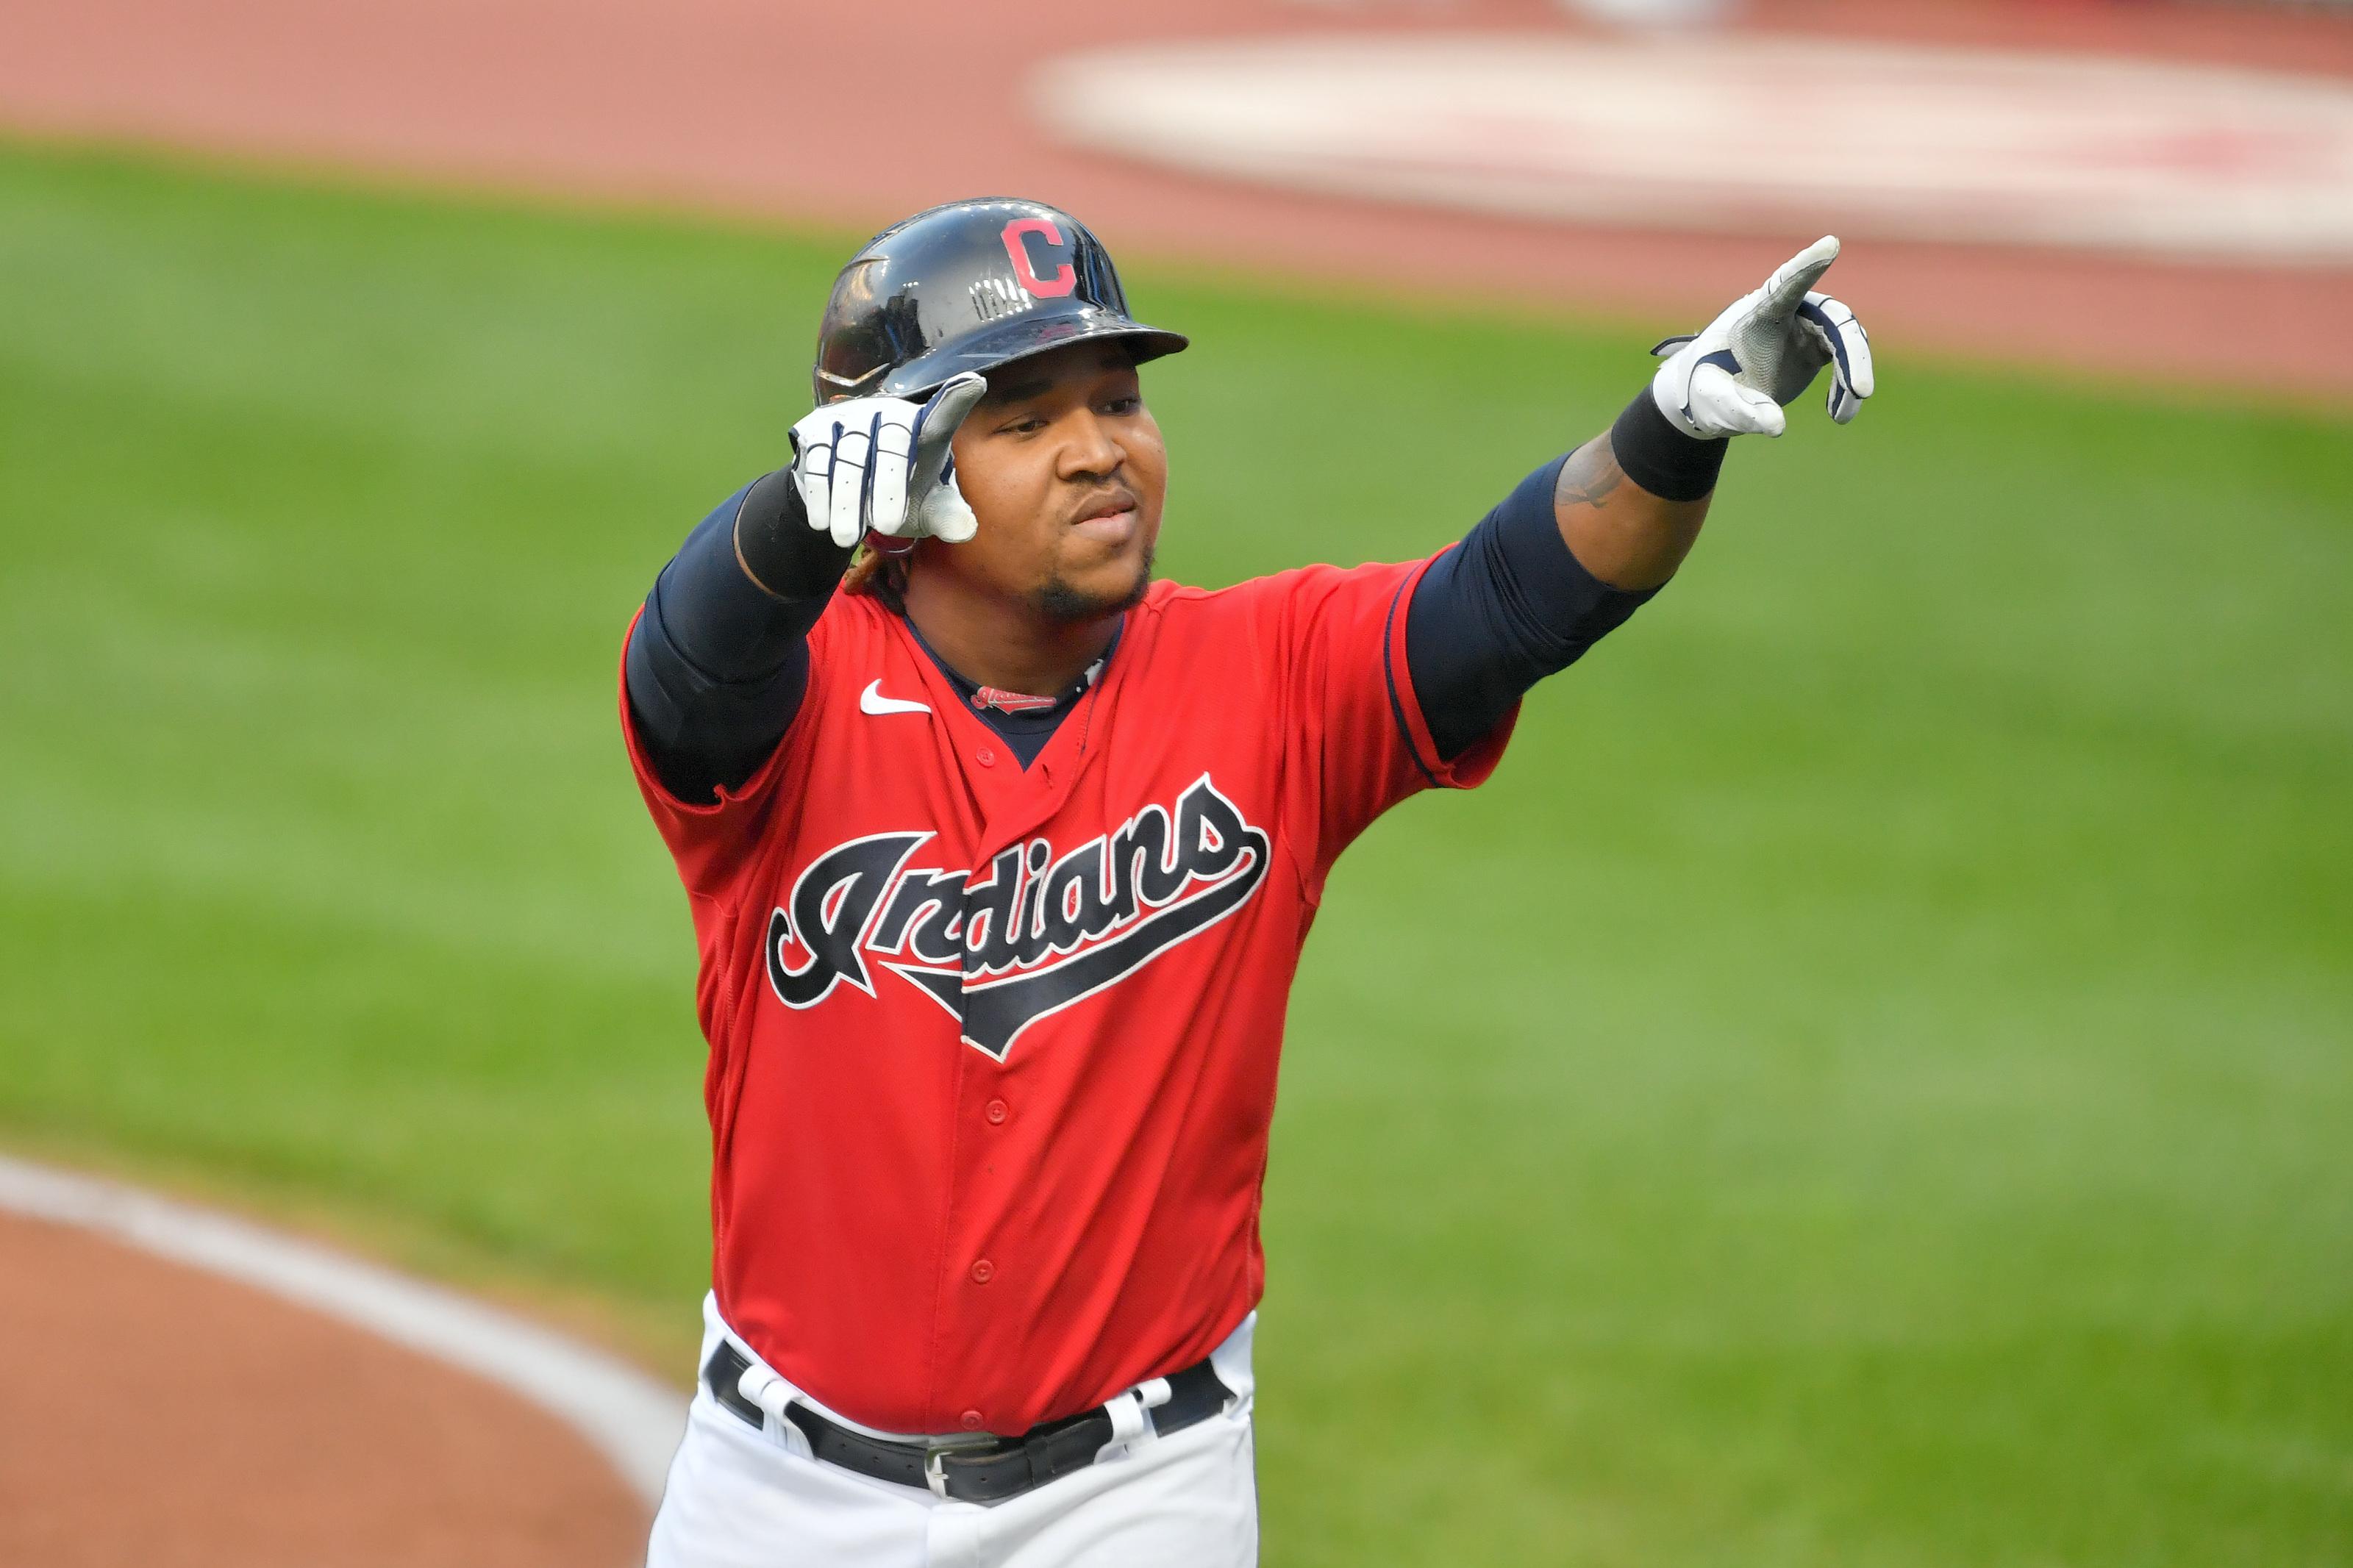 Cleveland Indians: Jose Ramirez making valid case for AL MVP